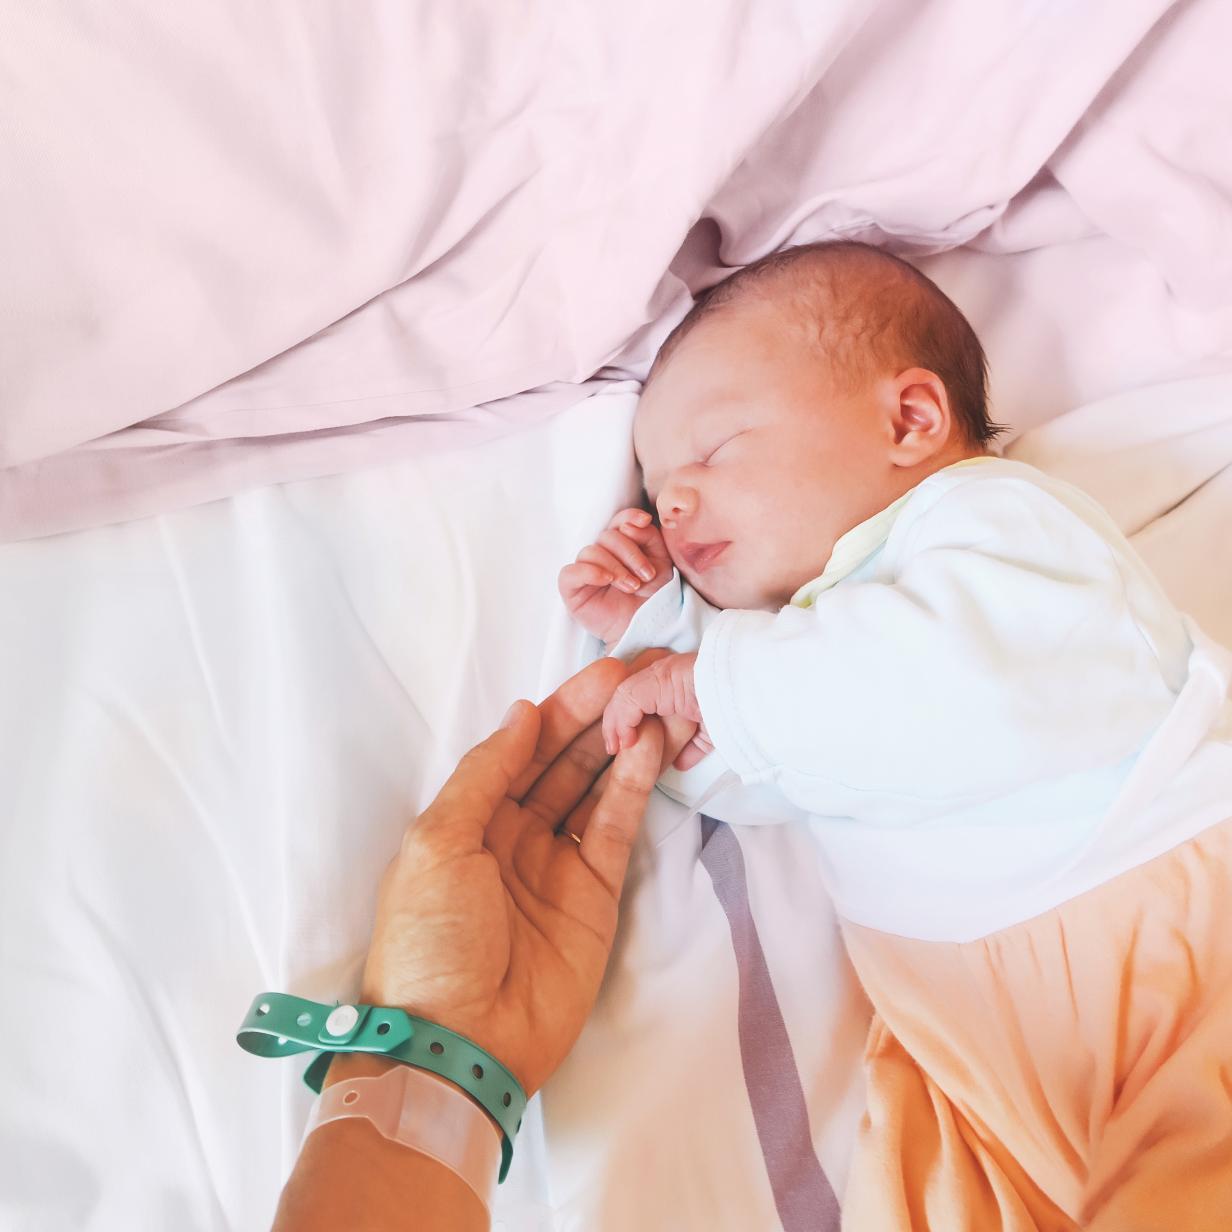 Geburtenstatistik: Durchschnittsalter der Mütter steigt